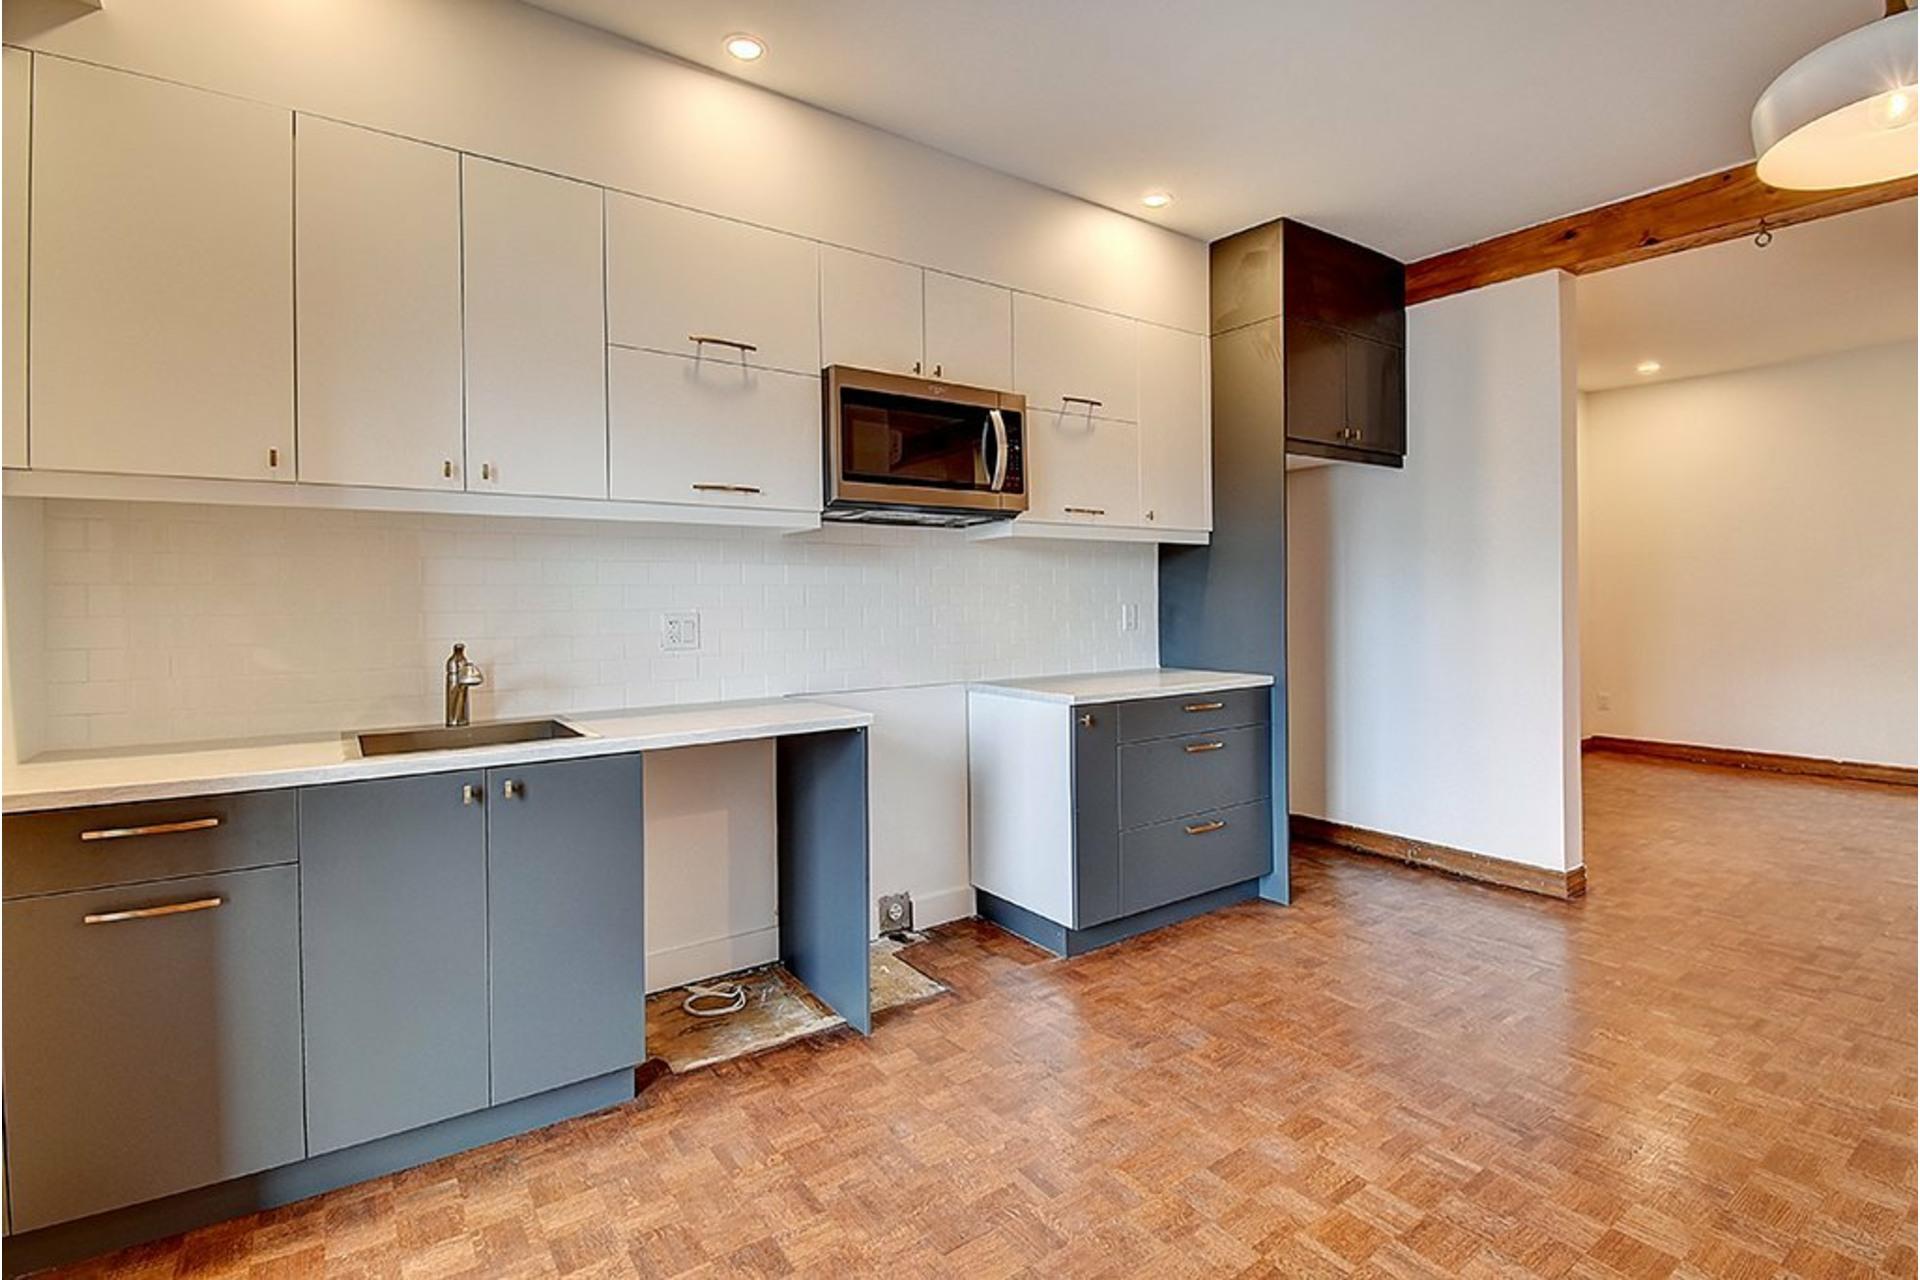 image 2 - Appartement À louer Verdun/Île-des-Soeurs Montréal  - 4 pièces